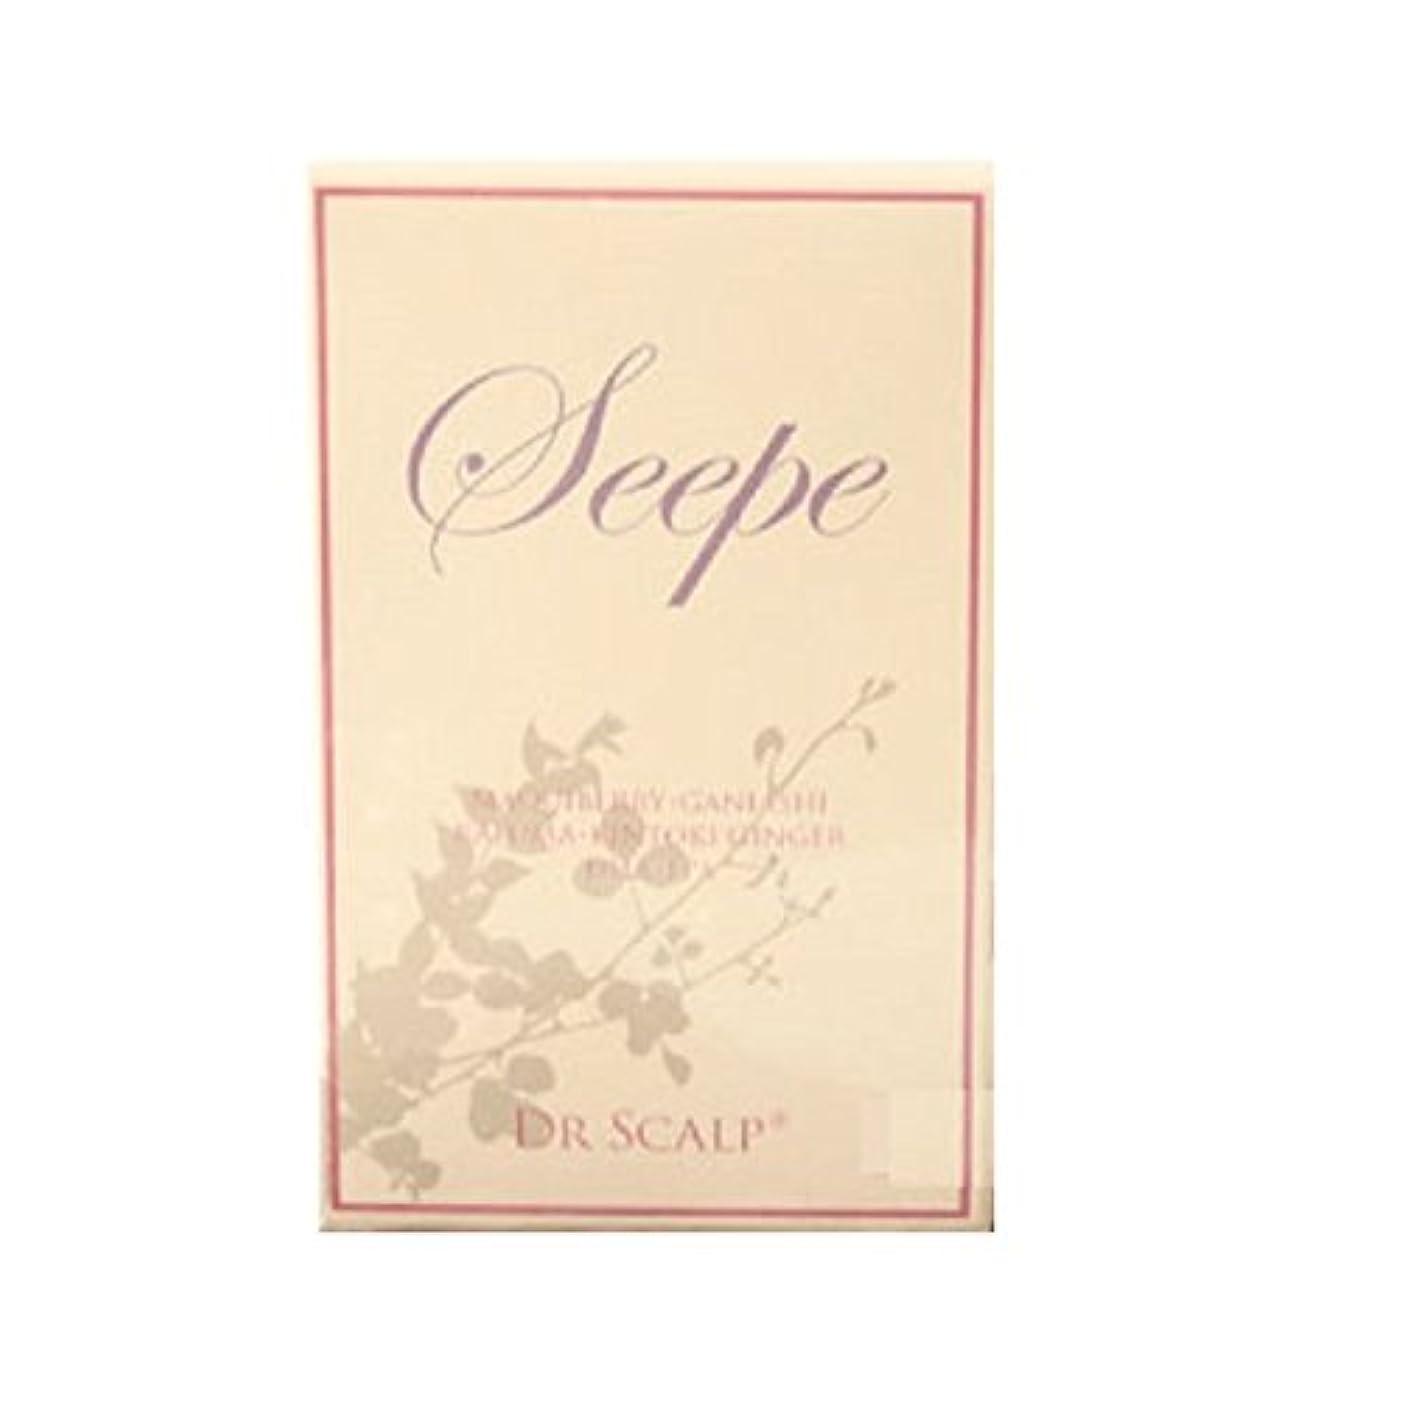 解釈的灰プットドクタースカルプ DR.SCALP(ドクタースカルプ)SEEPE(シープ) (サプリメント)※プロジェクトサプリメントのリニューアル商品です《60粒》